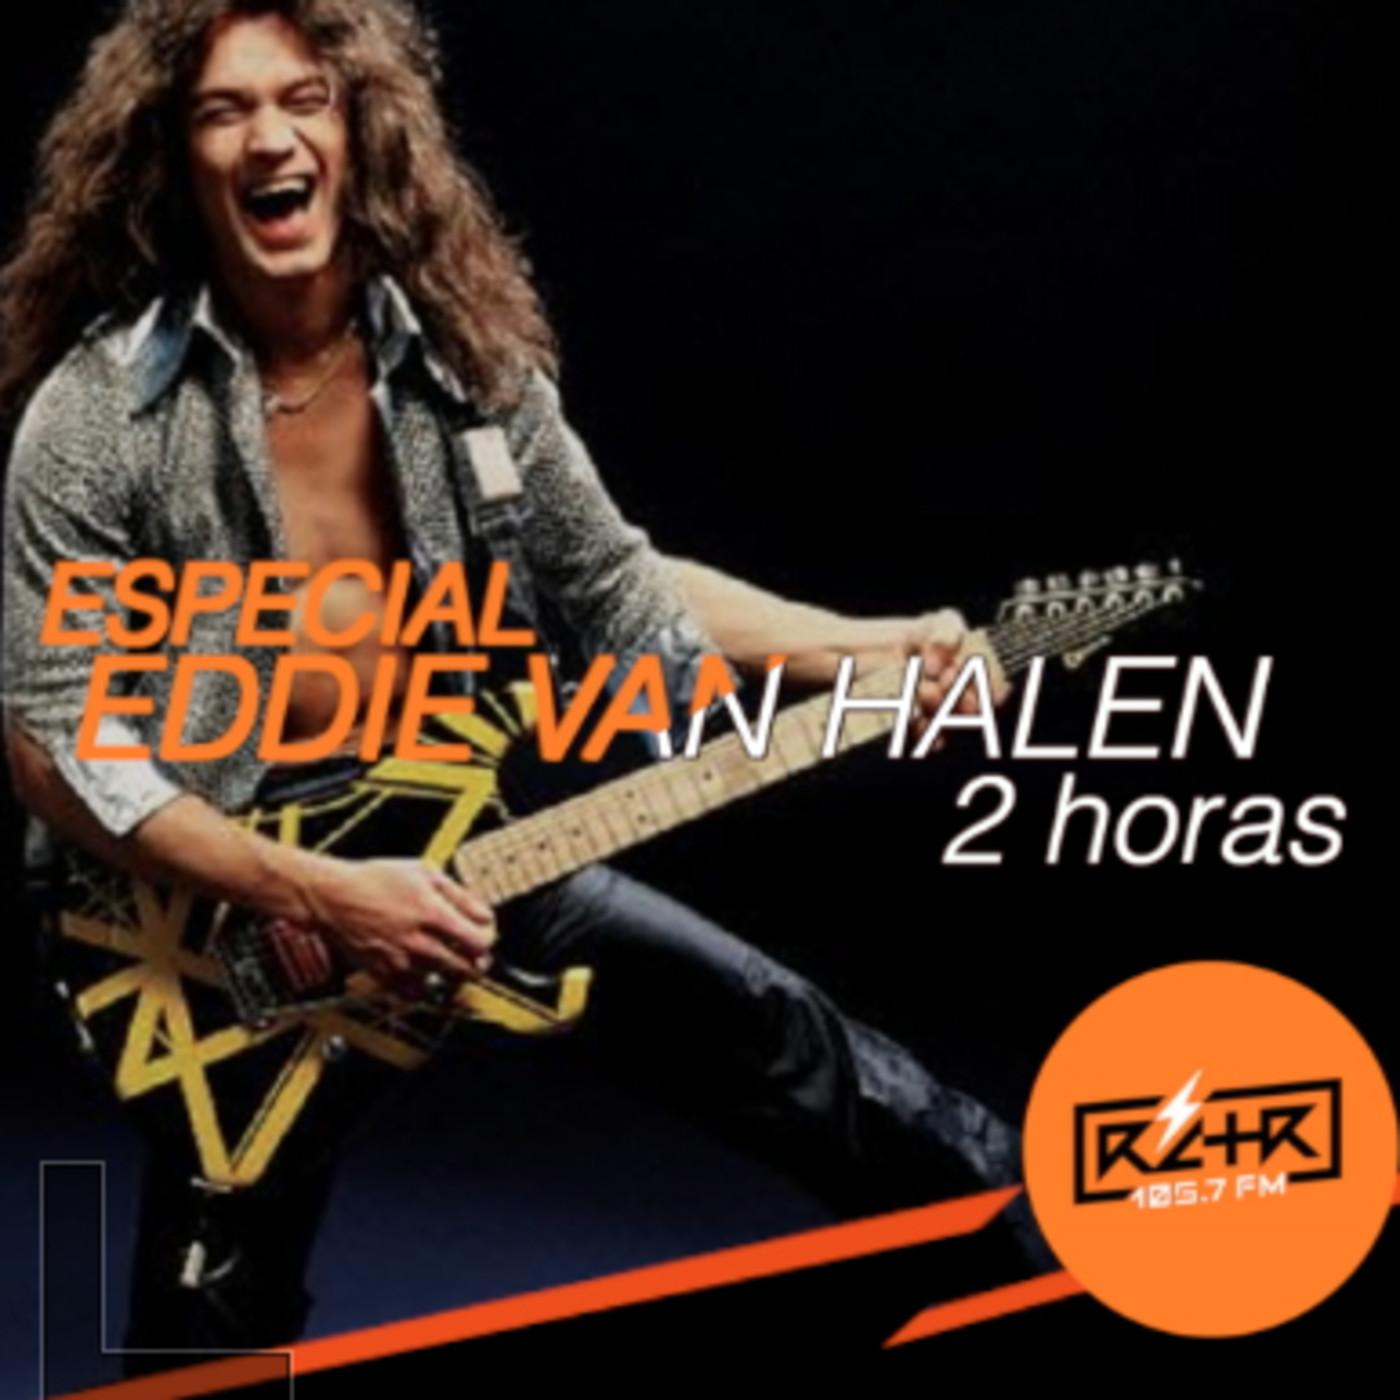 Track Attack 10 de Octubre 2020 (Especial a Eddie Van Halen)